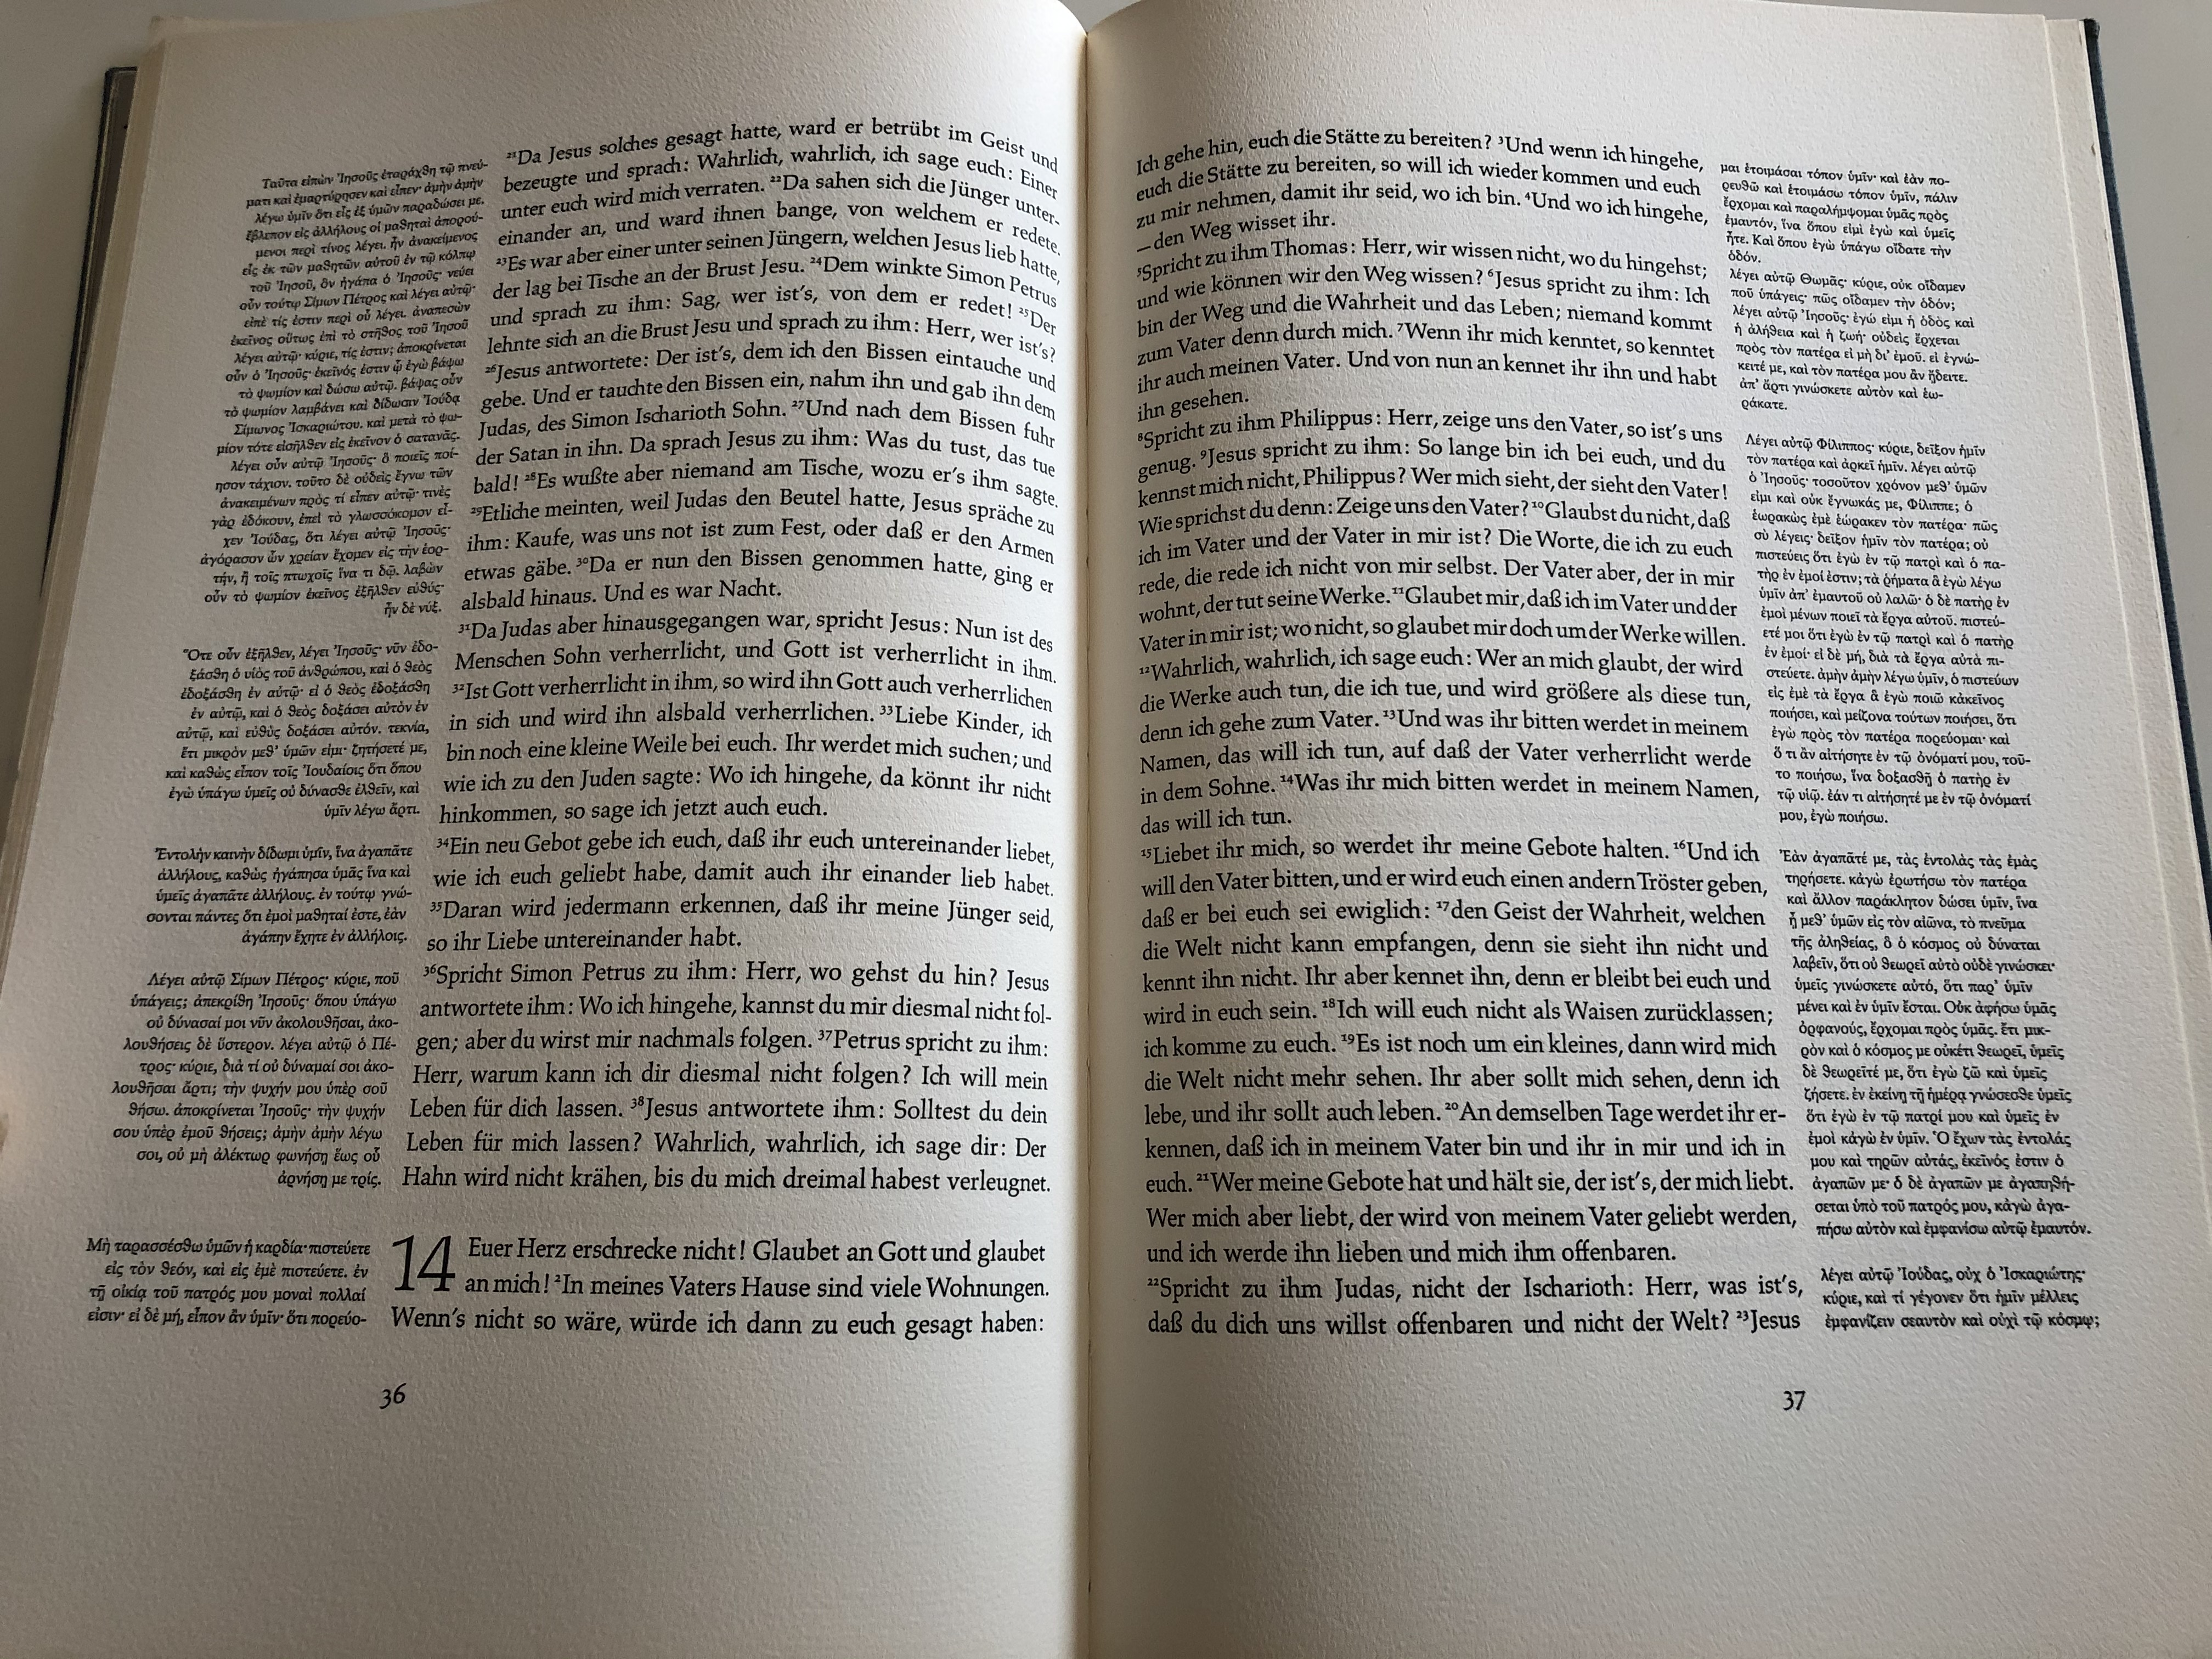 das-evangelium-nach-johannes-german-language-gospel-according-to-john-8.jpg